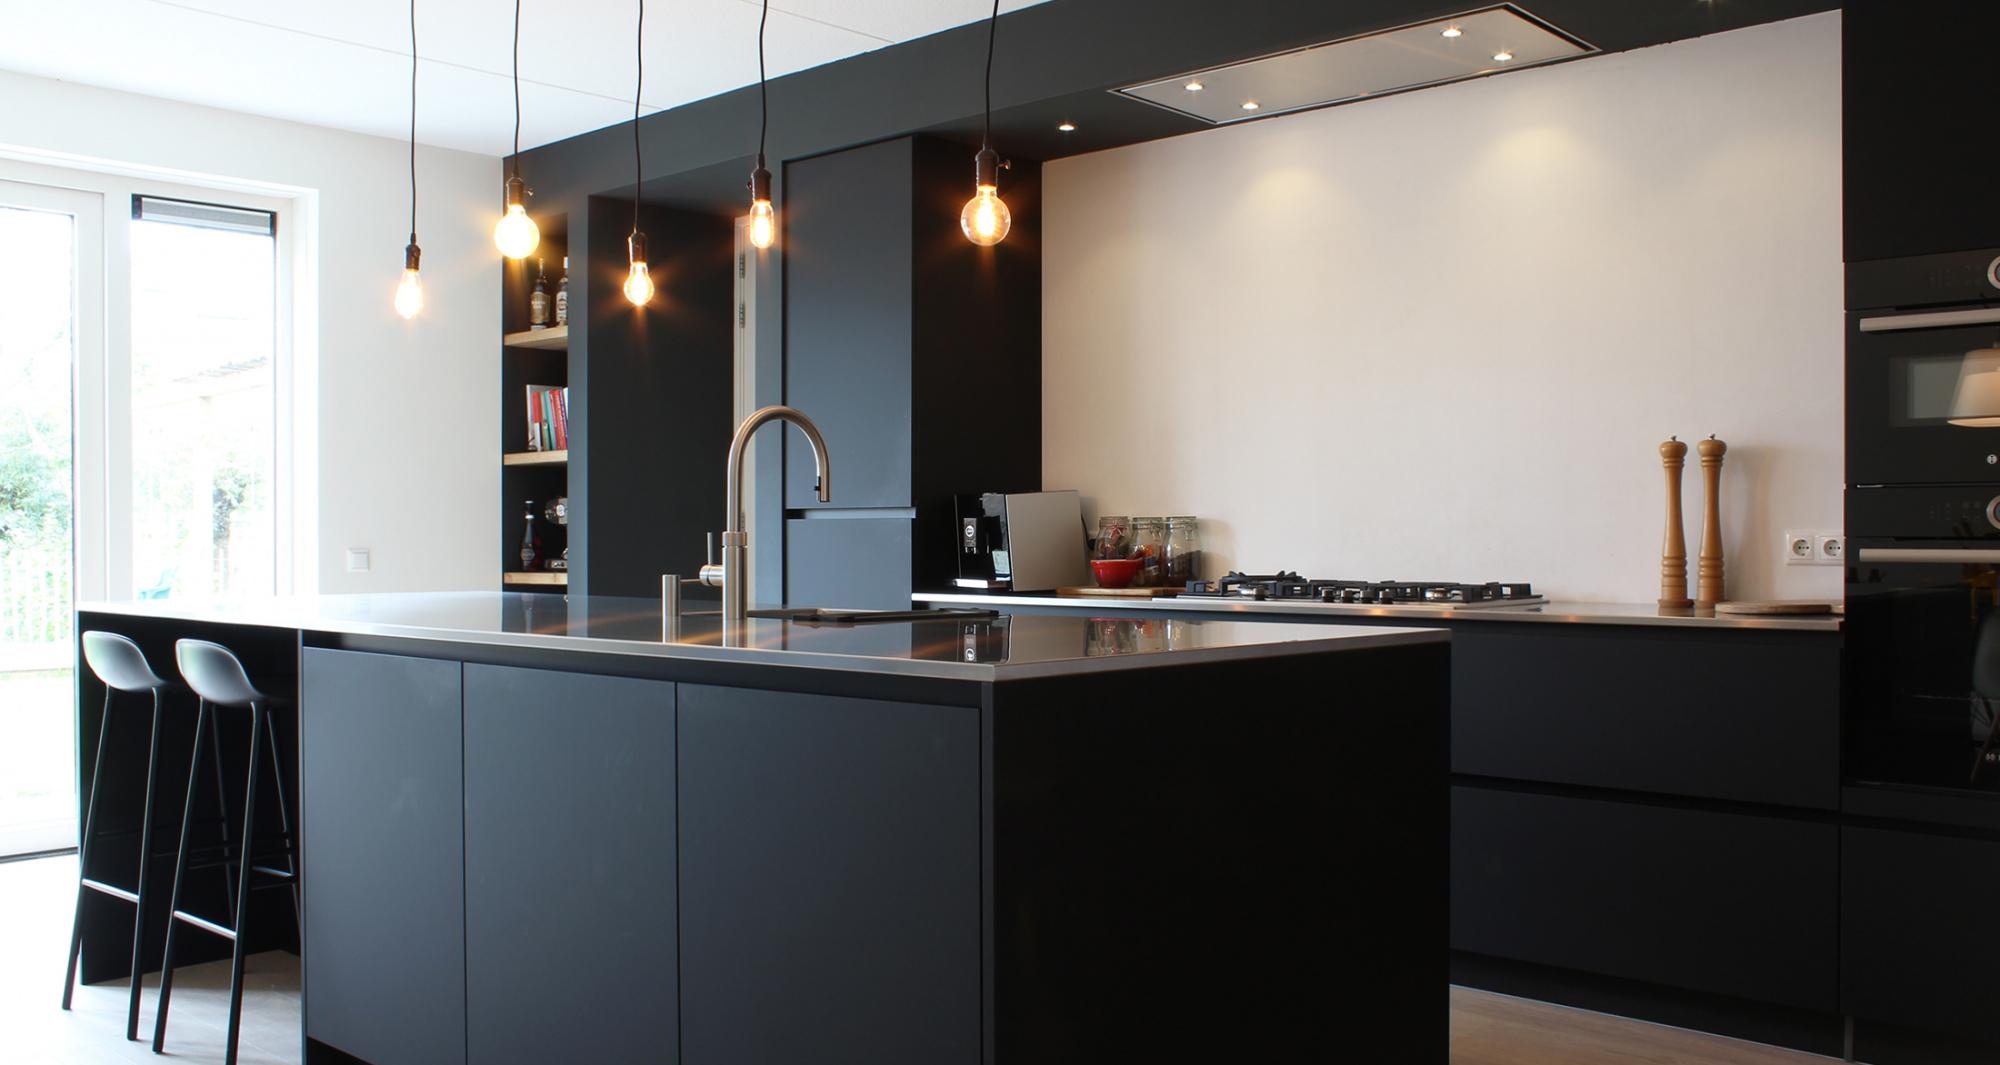 Mat zwarte keuken fam. de bruijn inhuis keukens